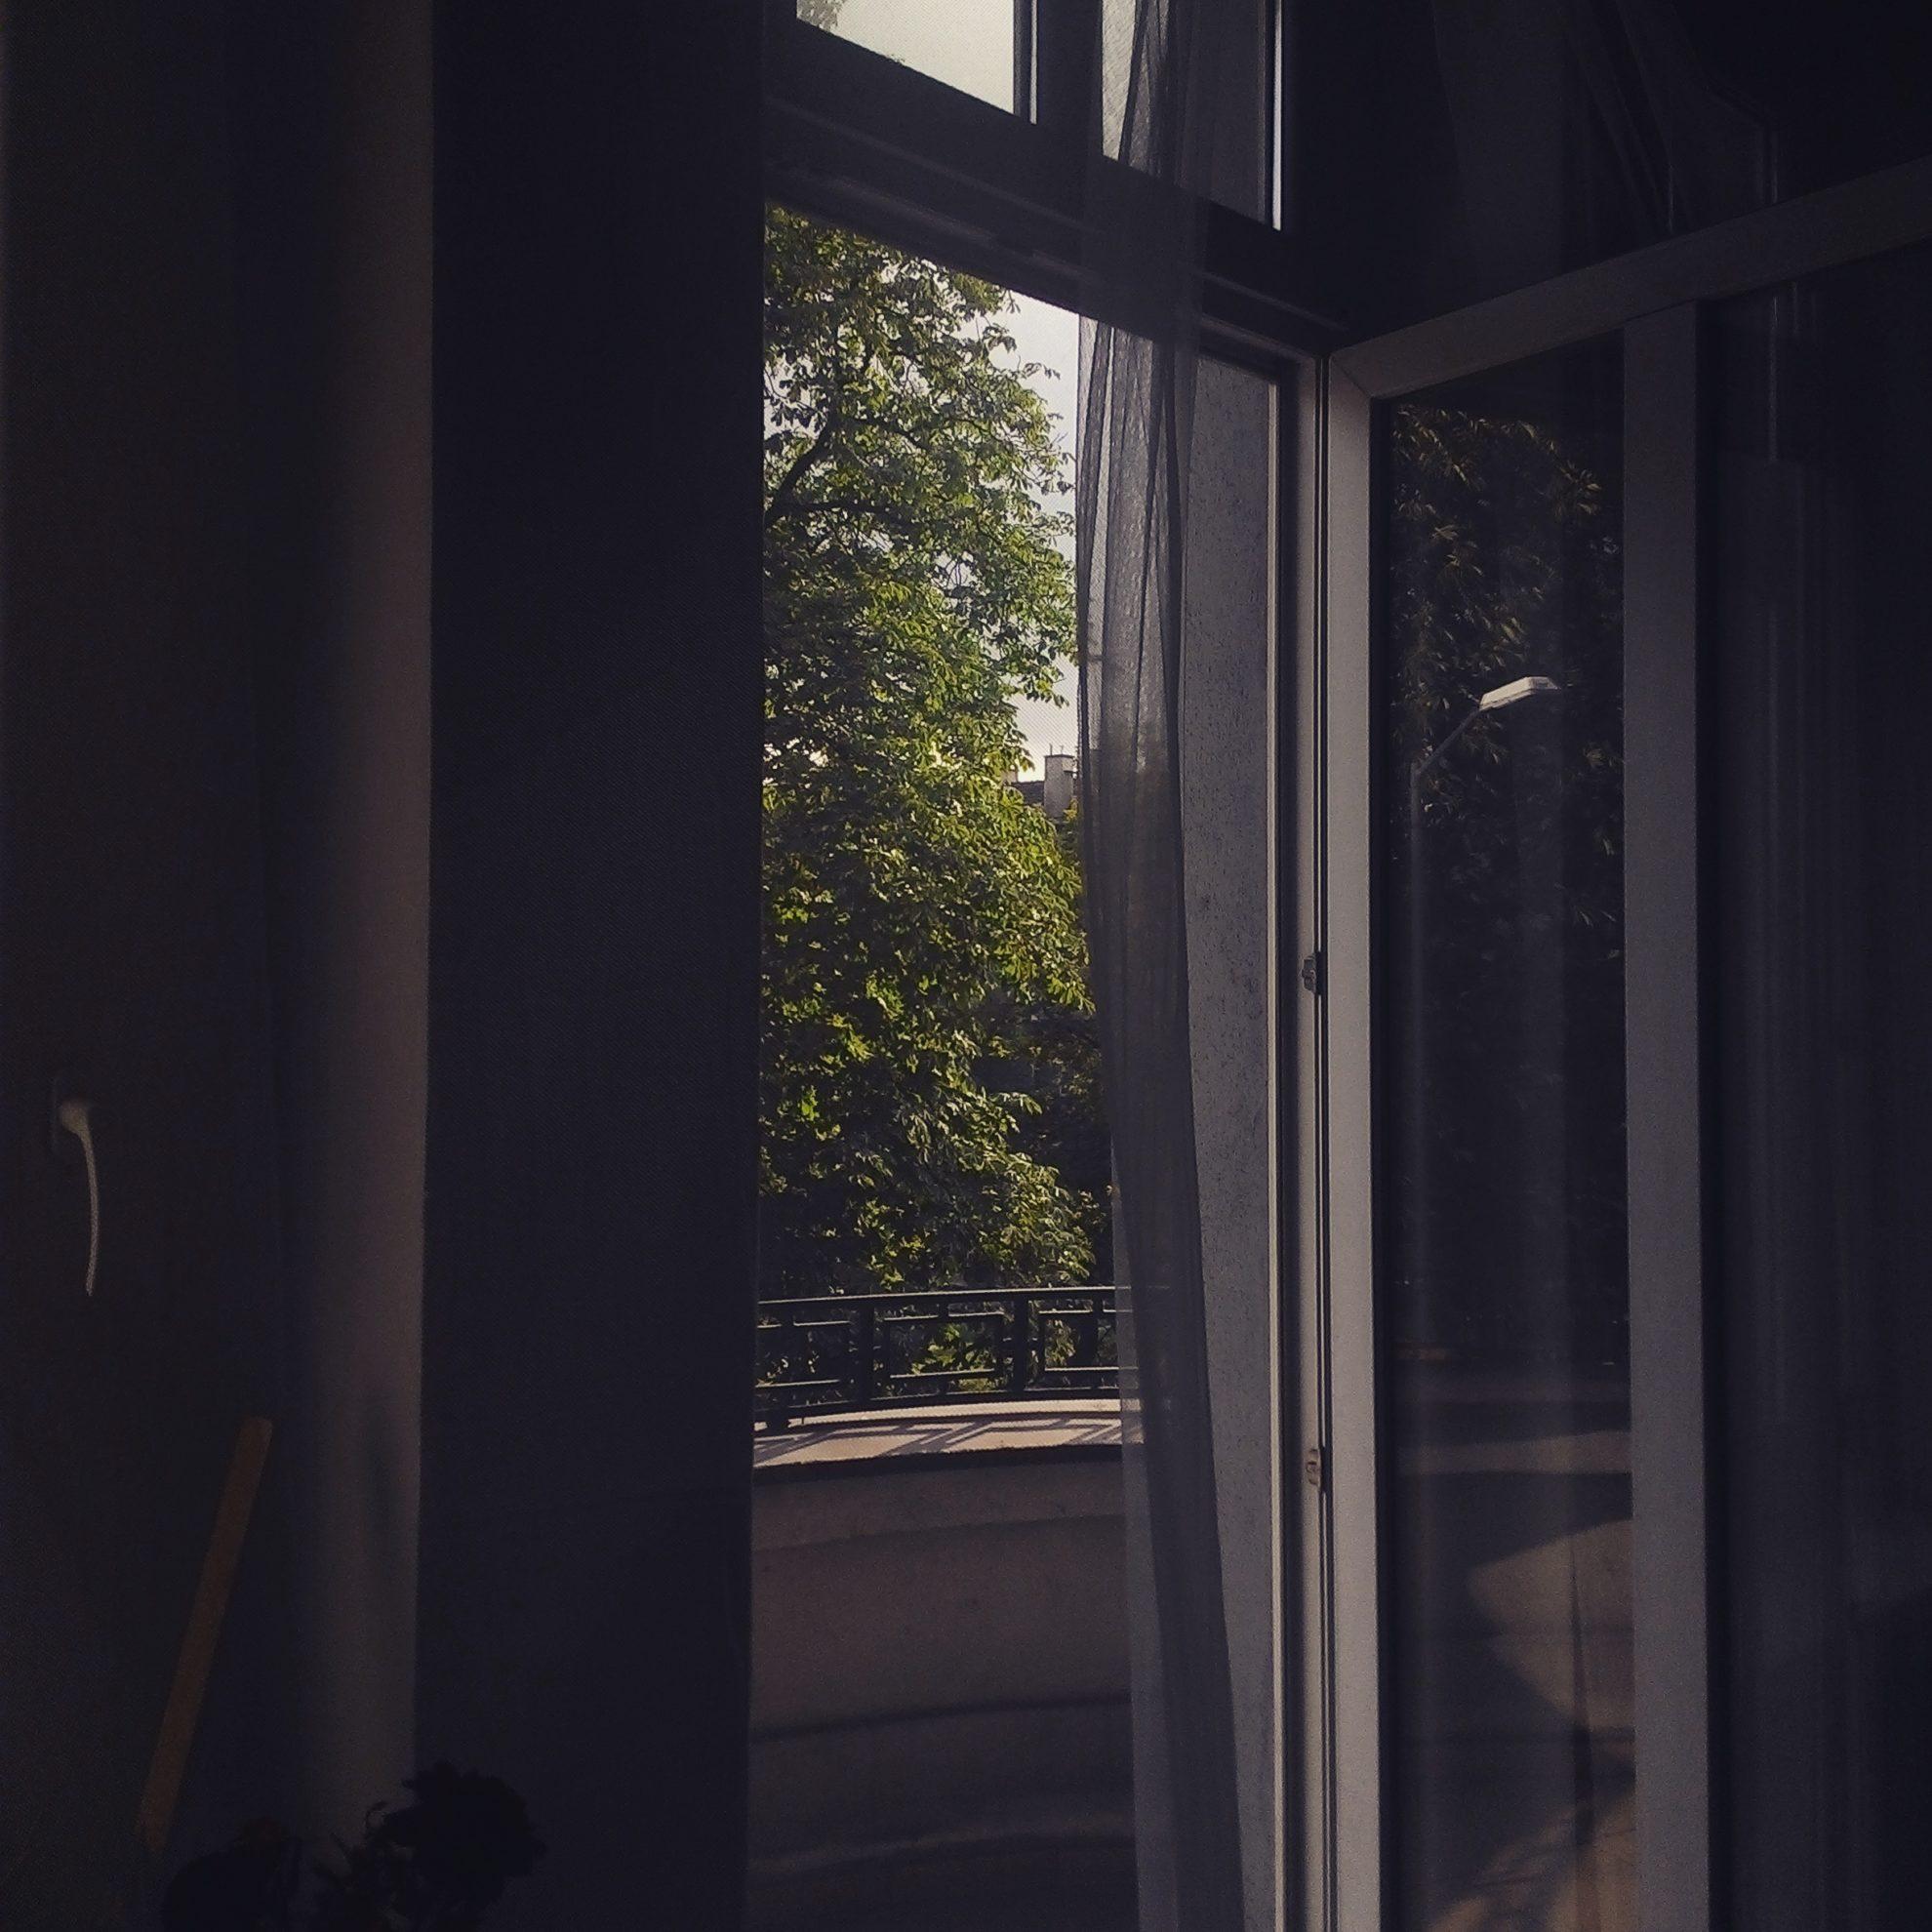 Fotograficzny przegląd poprzednich mieszkań, Witczaka